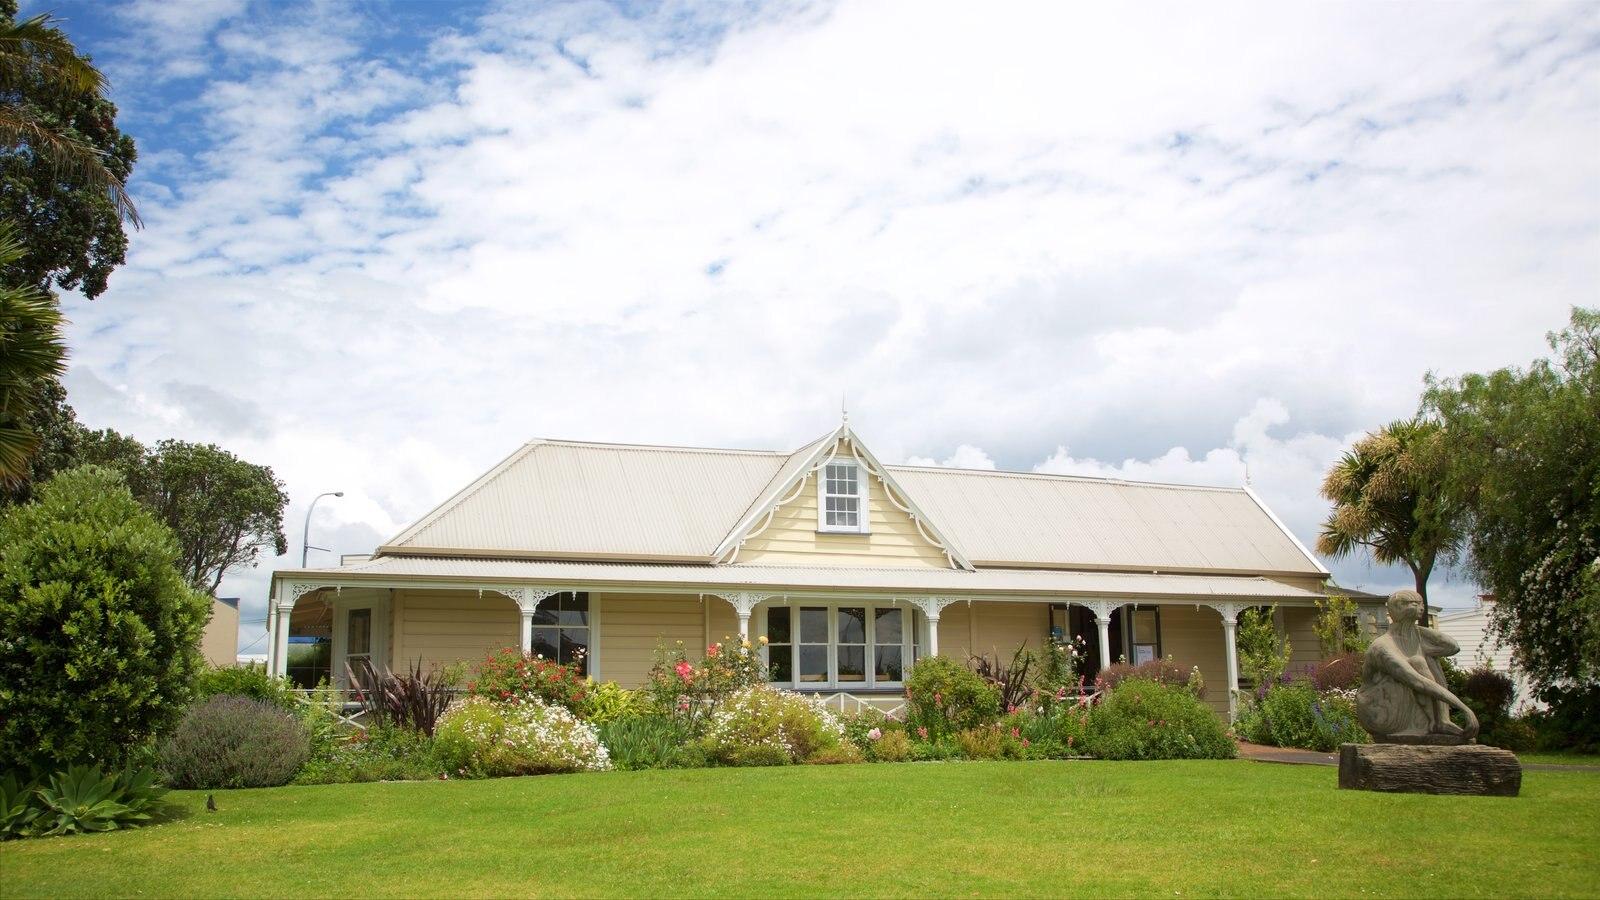 Whangarei ofreciendo patrimonio de arquitectura, un jardín y una casa